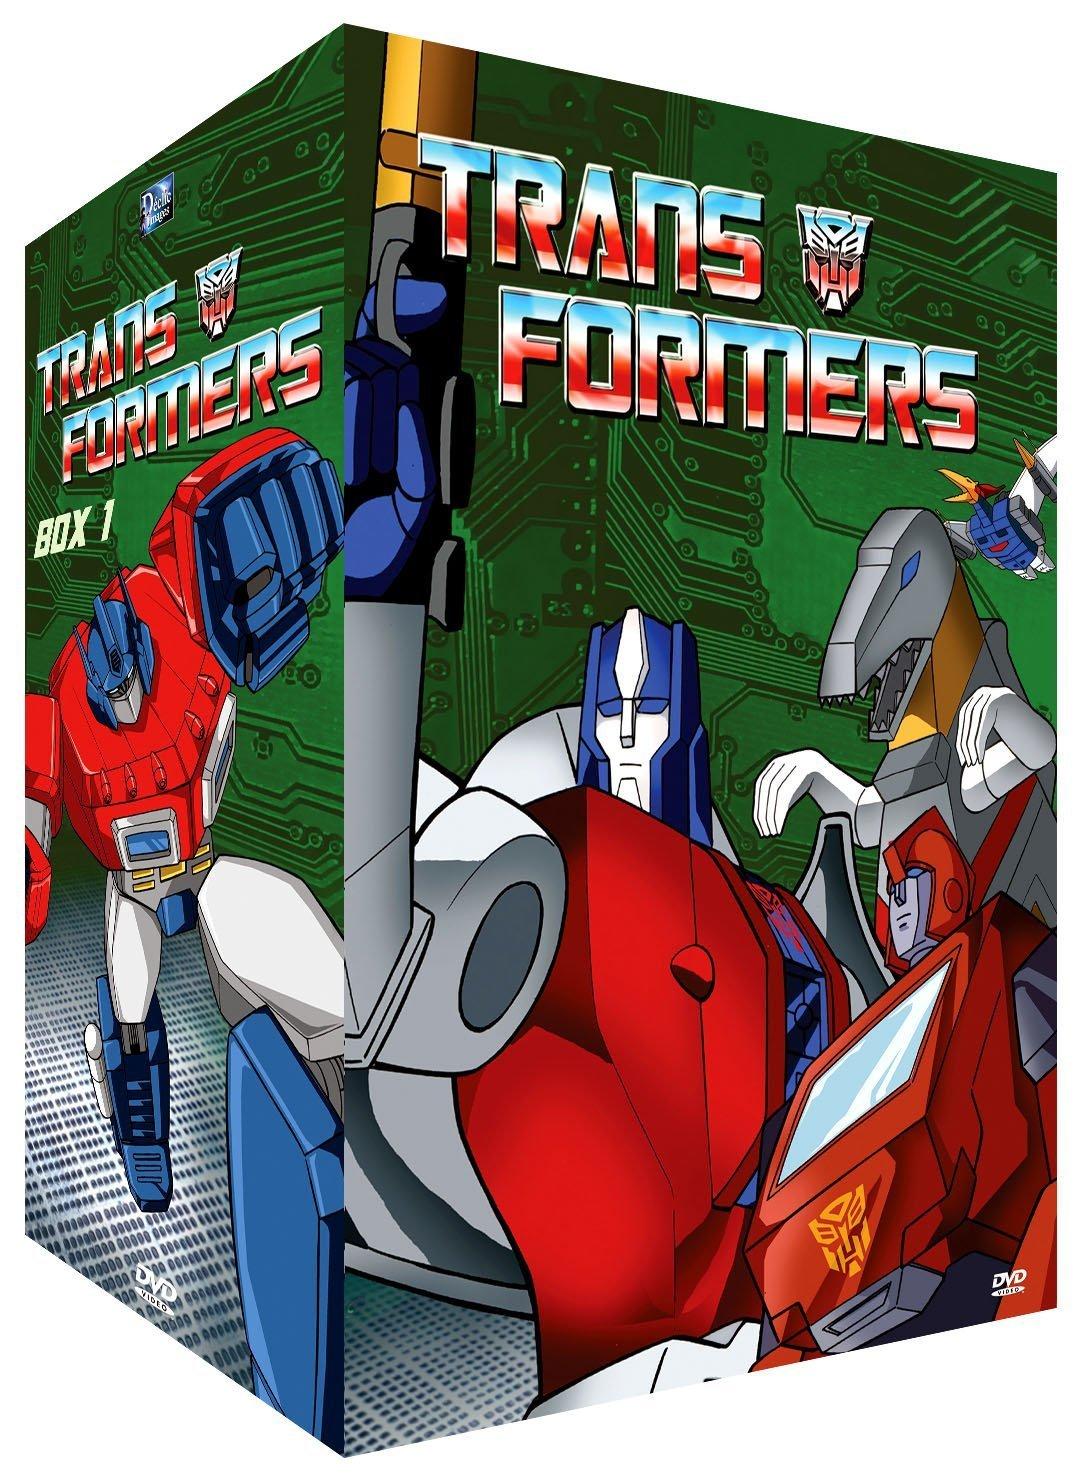 Coffret DVD de Les Transformers (G1) de France par Déclic Images et UFG Junior 81sQEy2dKnS